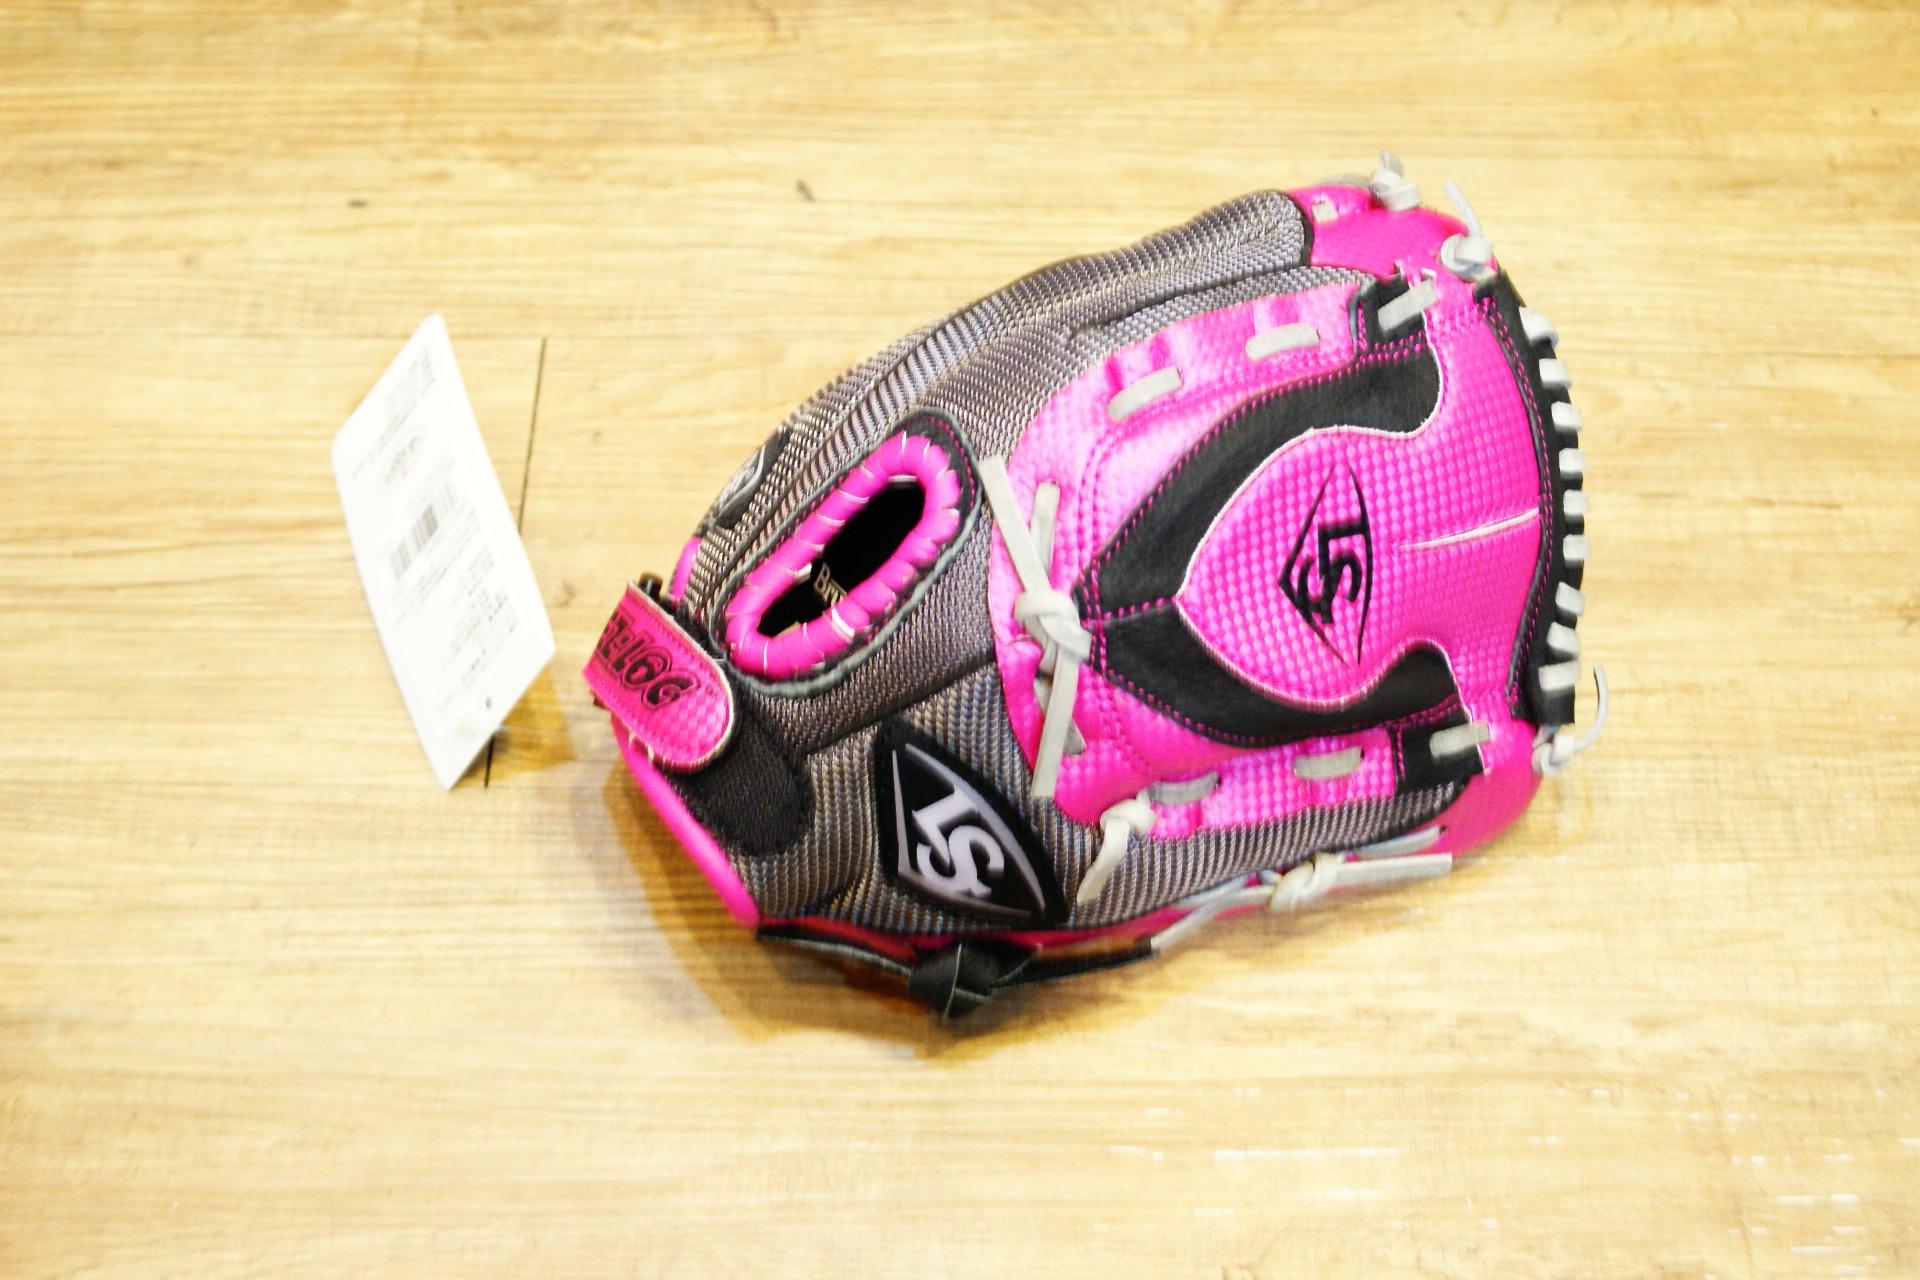 棒球世界 Louisville Slugger 路易斯威爾 DIVA之星系列11吋兒童手套(粉紅/灰)特價